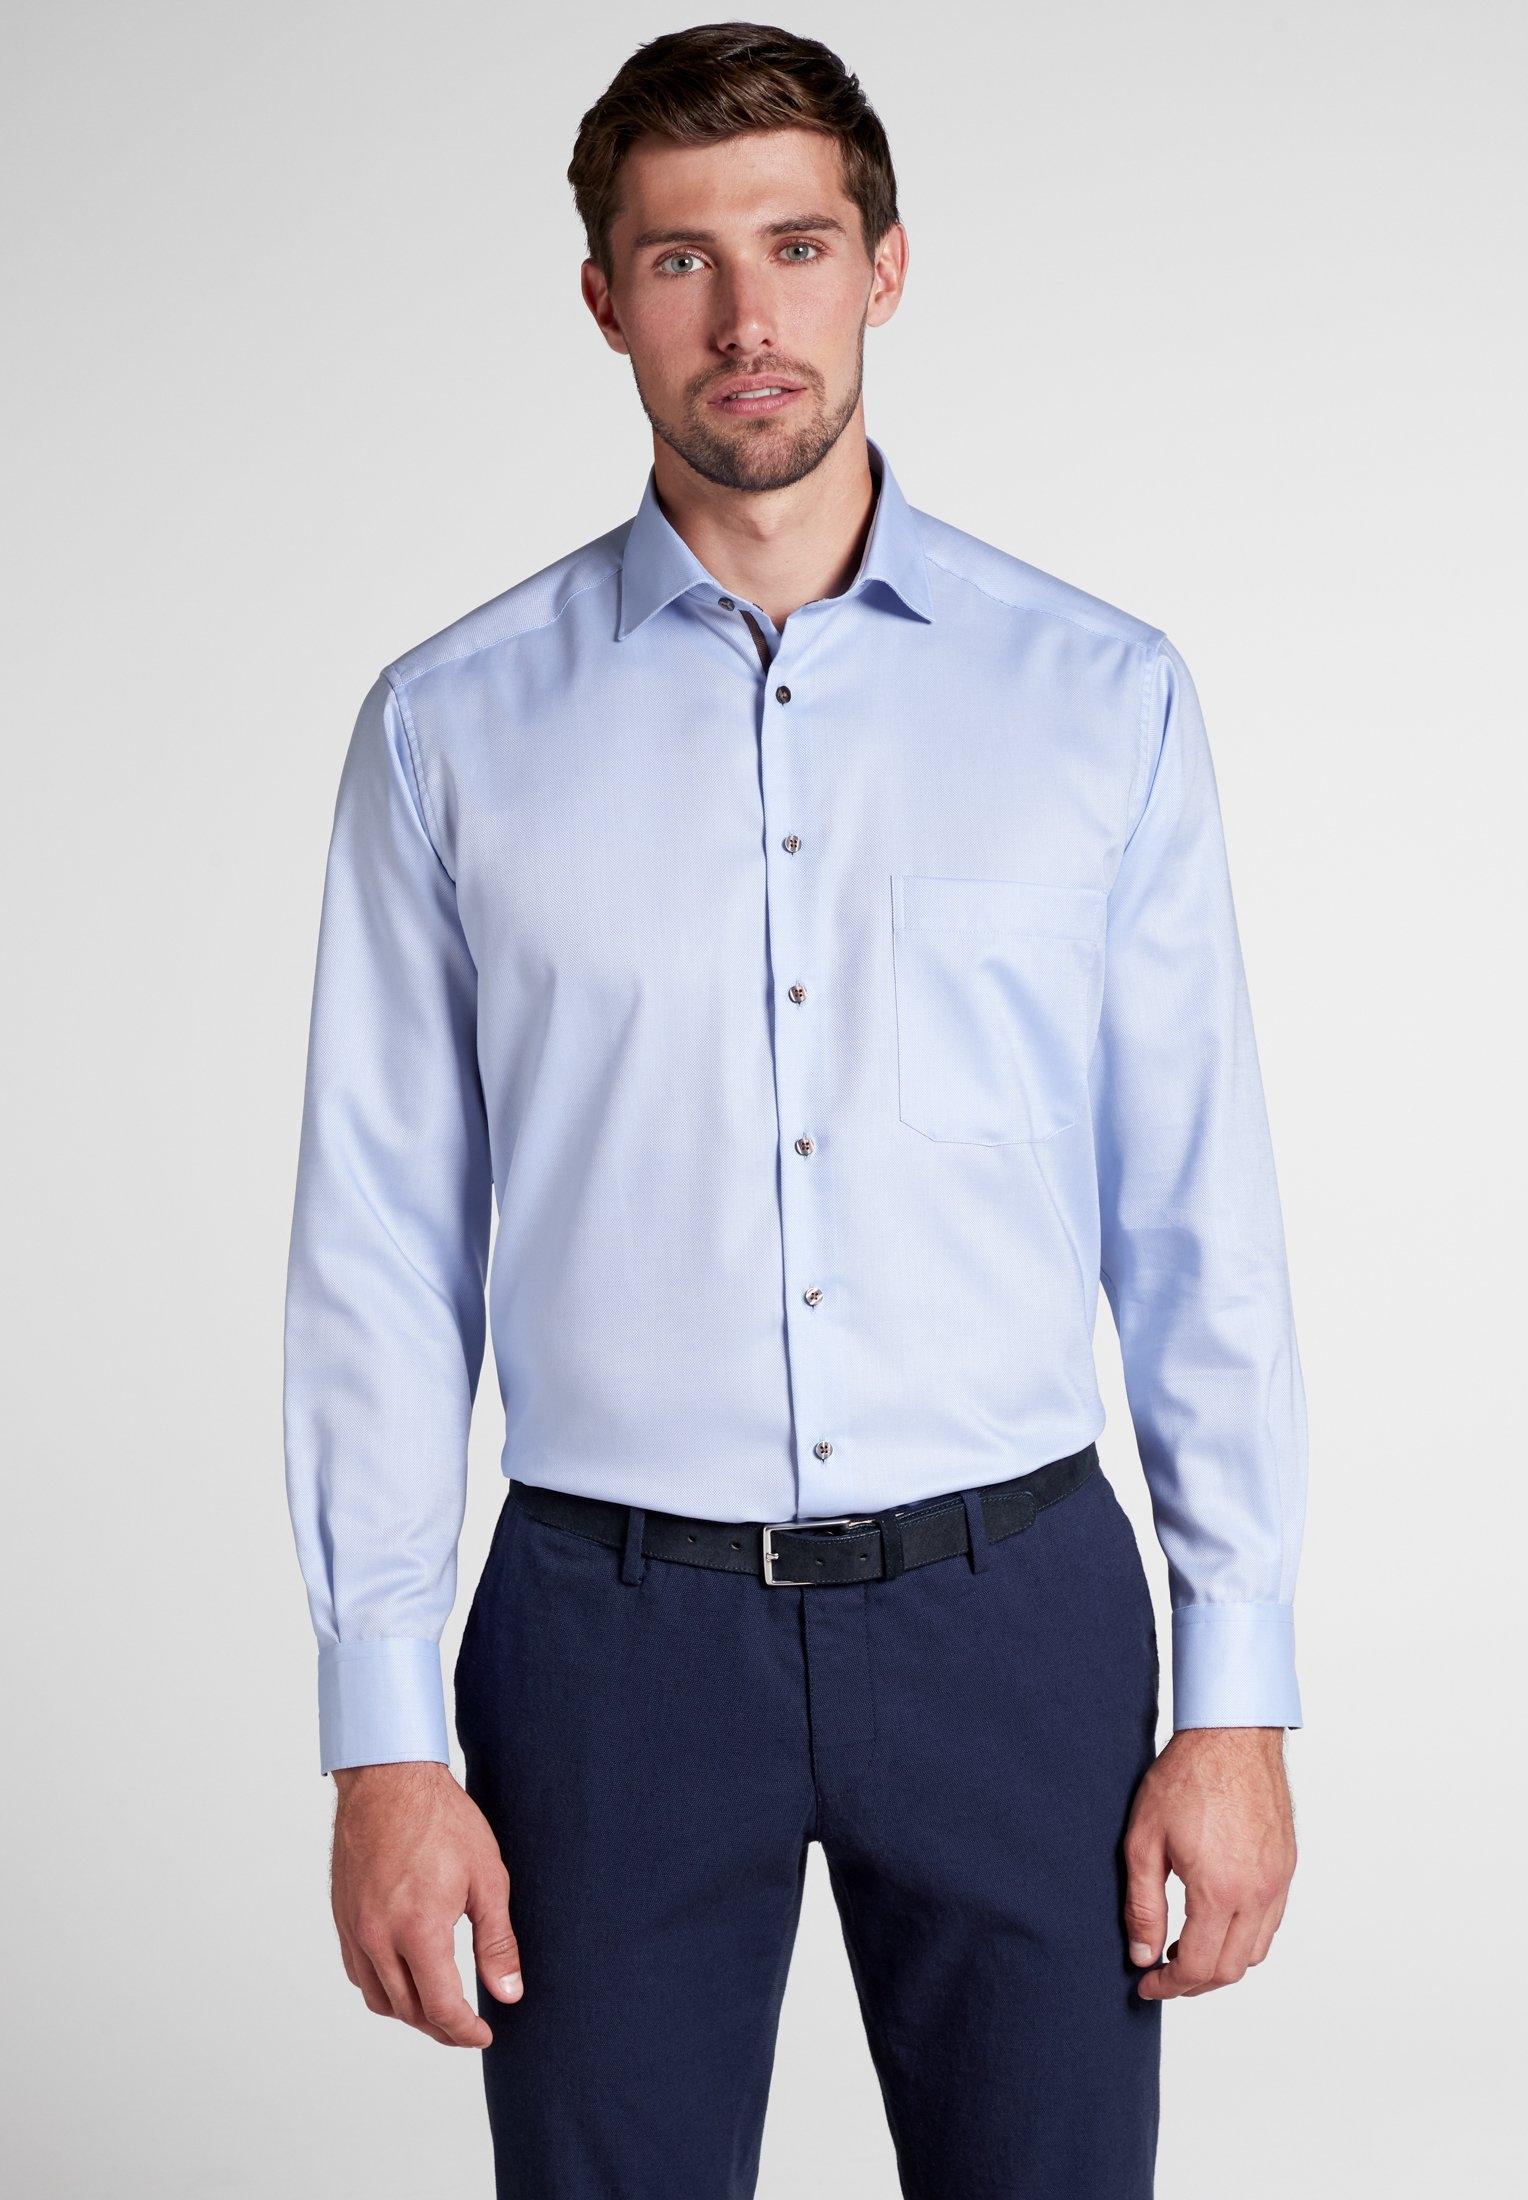 Eterna Lange arm Hemd »COMFORT FIT« bestellen: 30 dagen bedenktijd